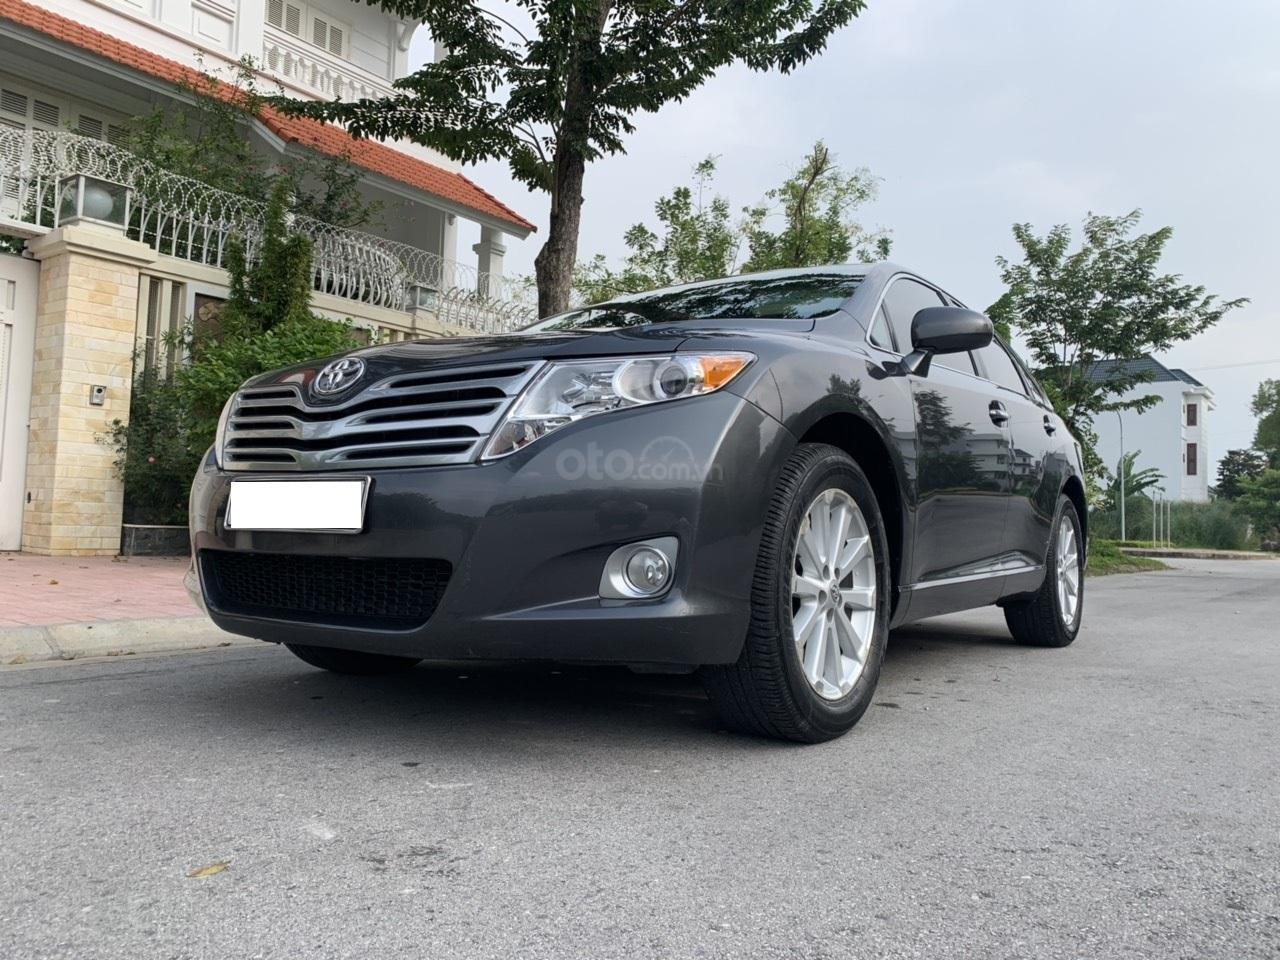 Bán Toyota Venza 2.7 màu xám sản xuất 12/2009, đăng ký biển Hà Nội (2)